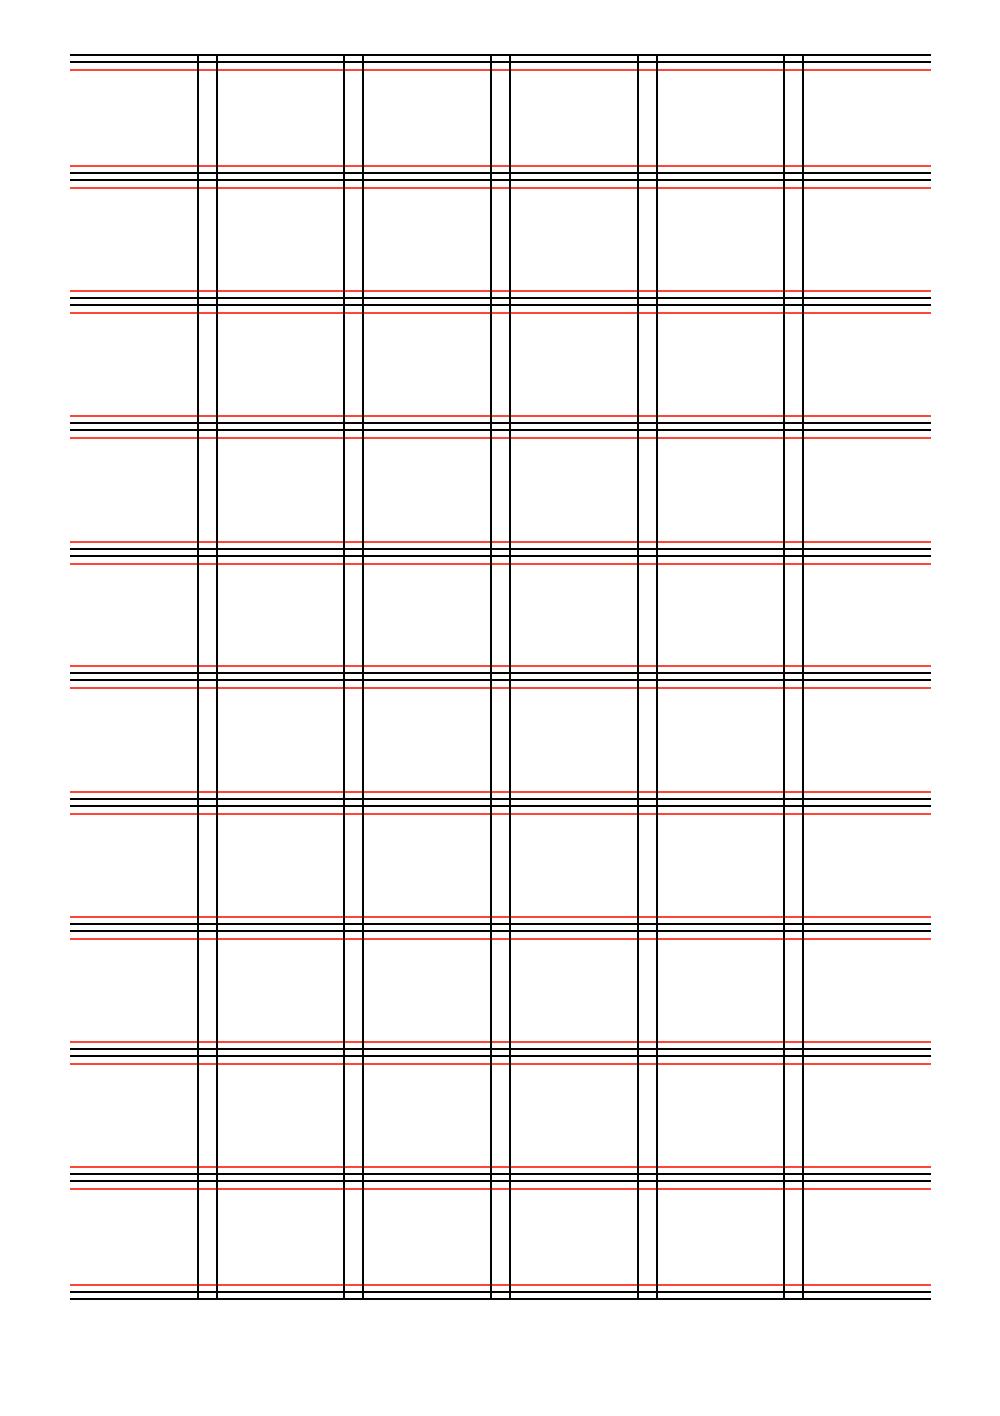 Les gabarits Forma6 sont mise en page avec une grille